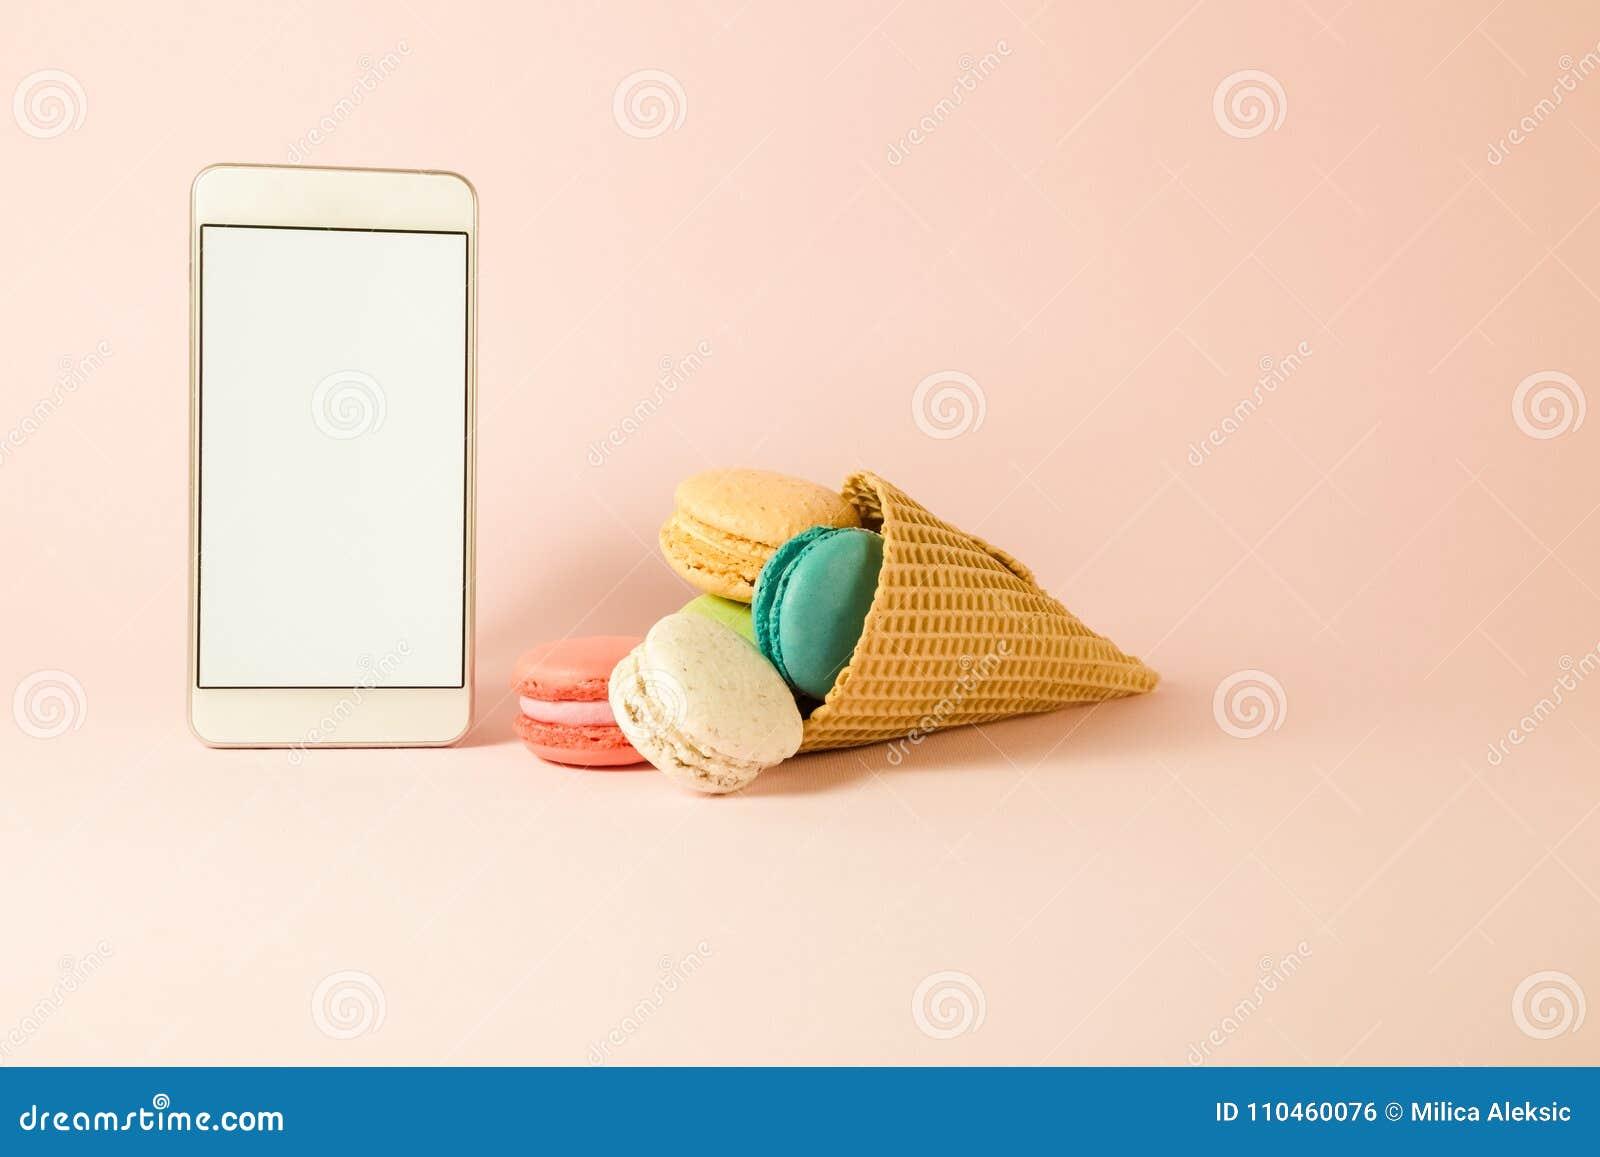 Färgrika macarons i glasskotte och smartphone med den tomma skärmen